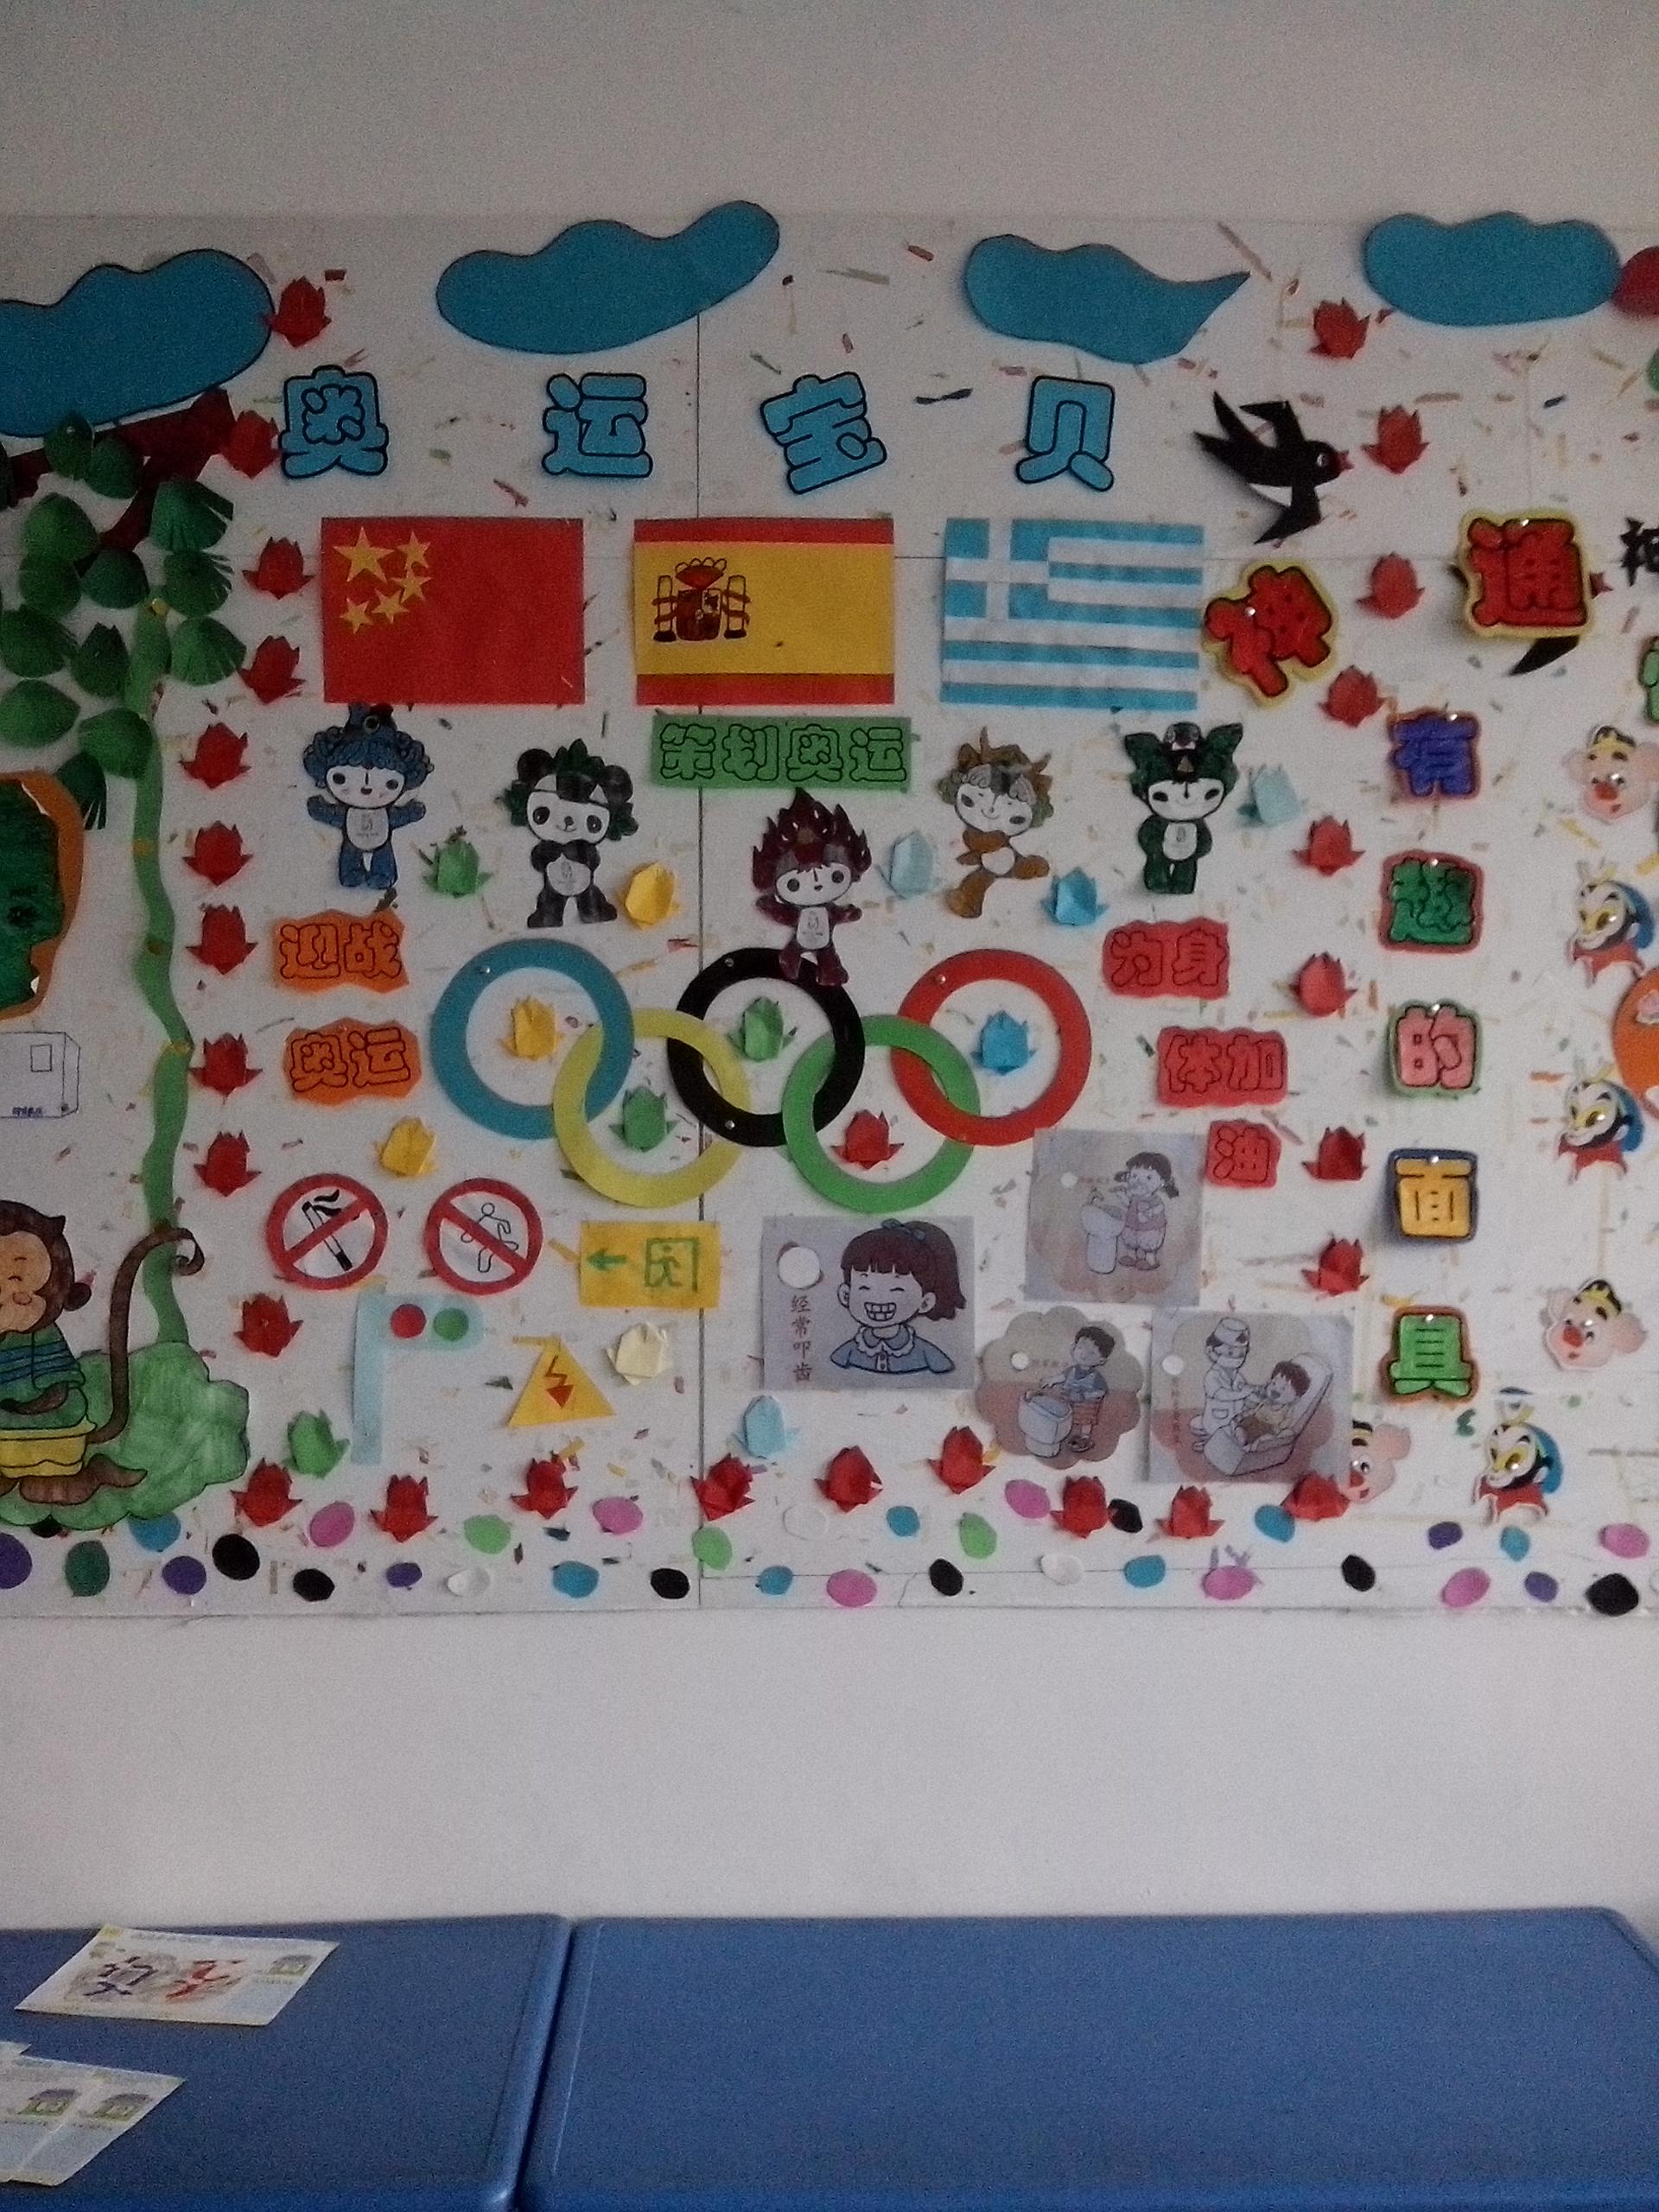 幼儿园区角环境布置:益智区 幼儿园环境图片